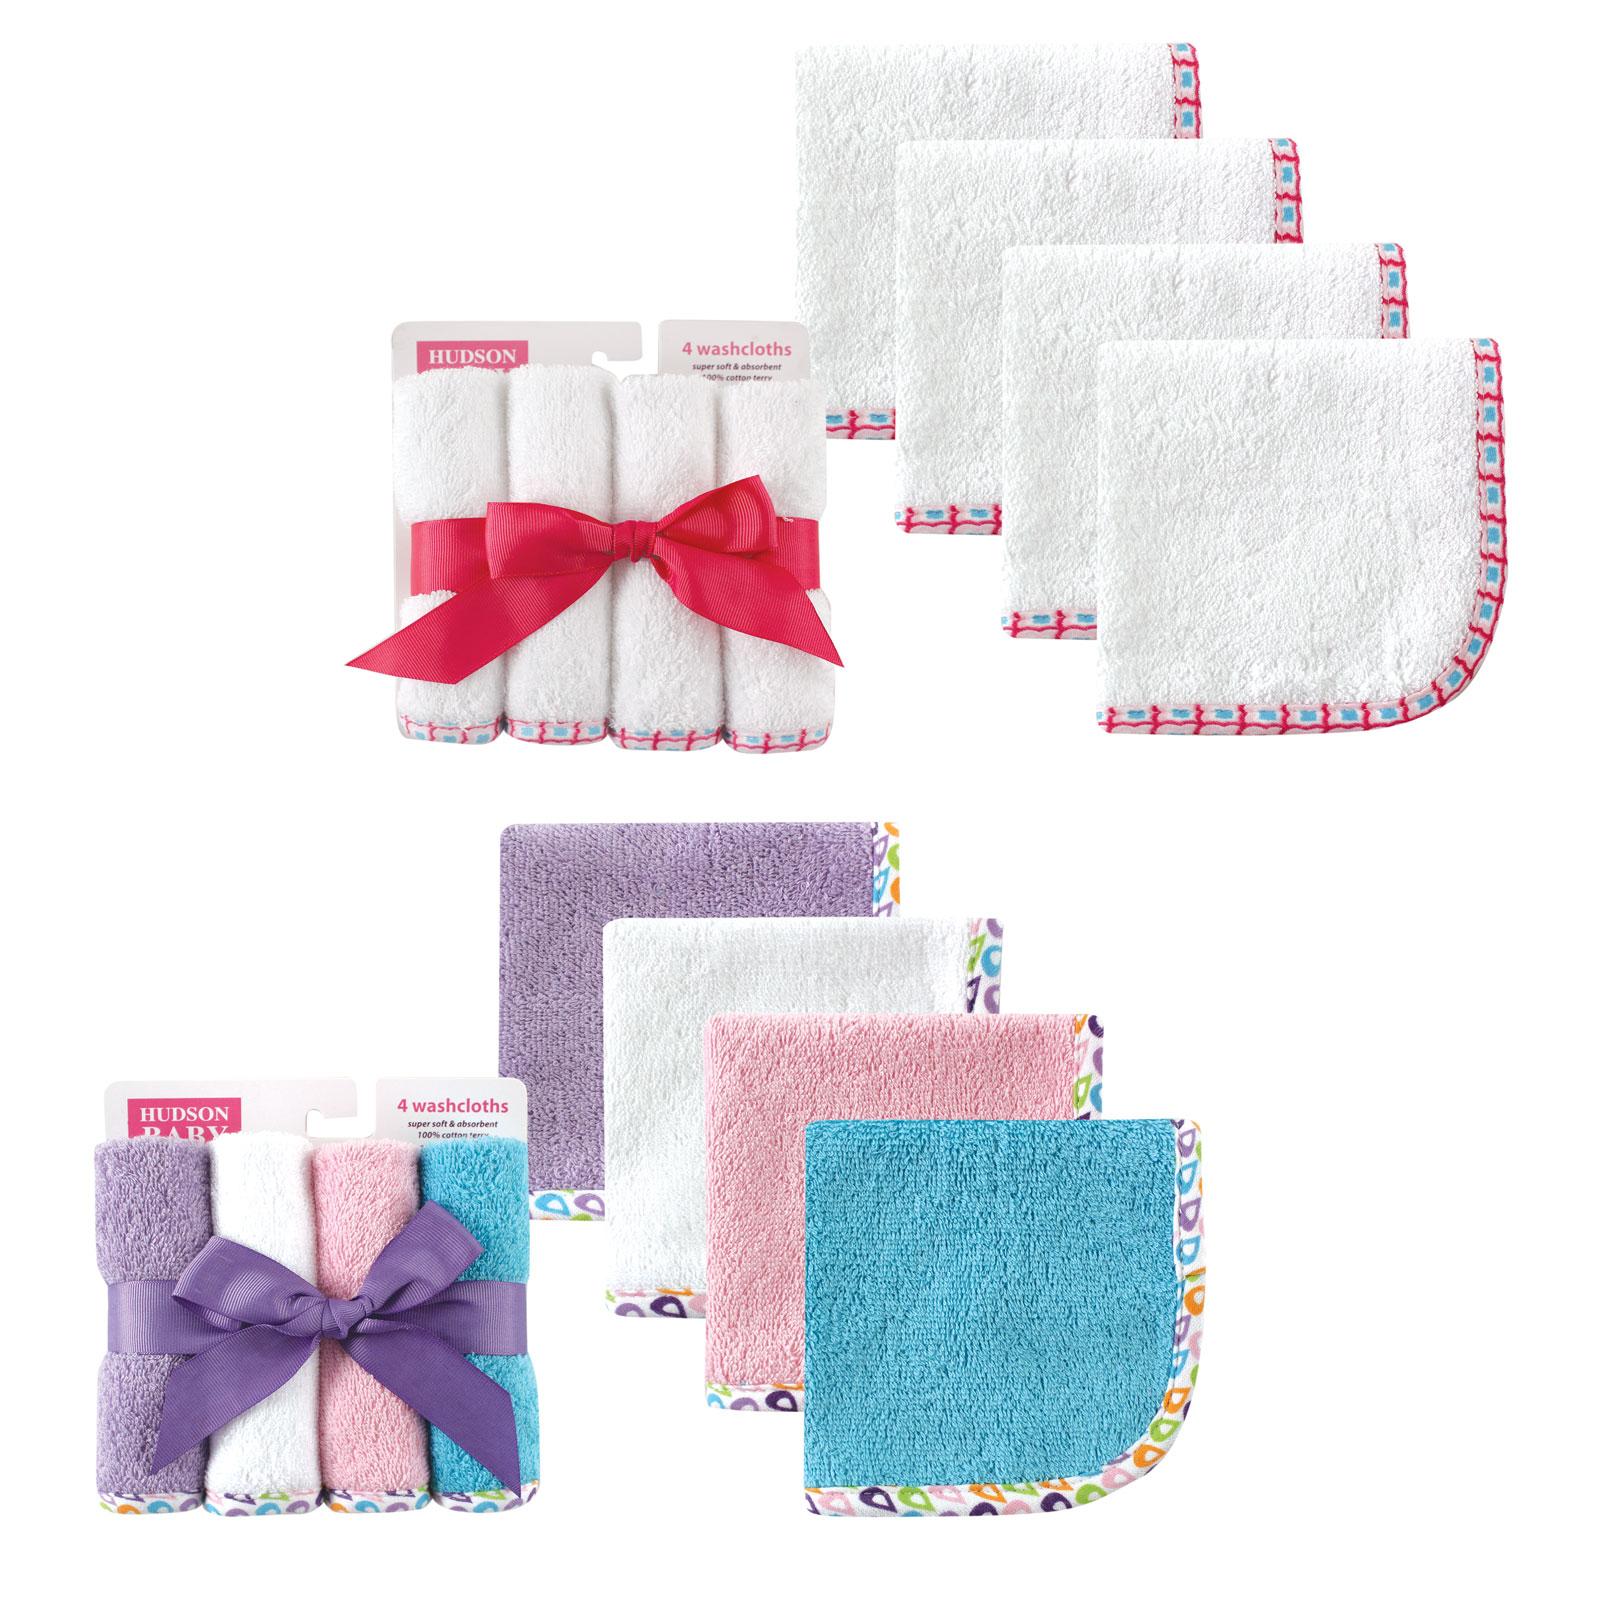 Как красиво свернуть полотенце в подарок мужчине 100